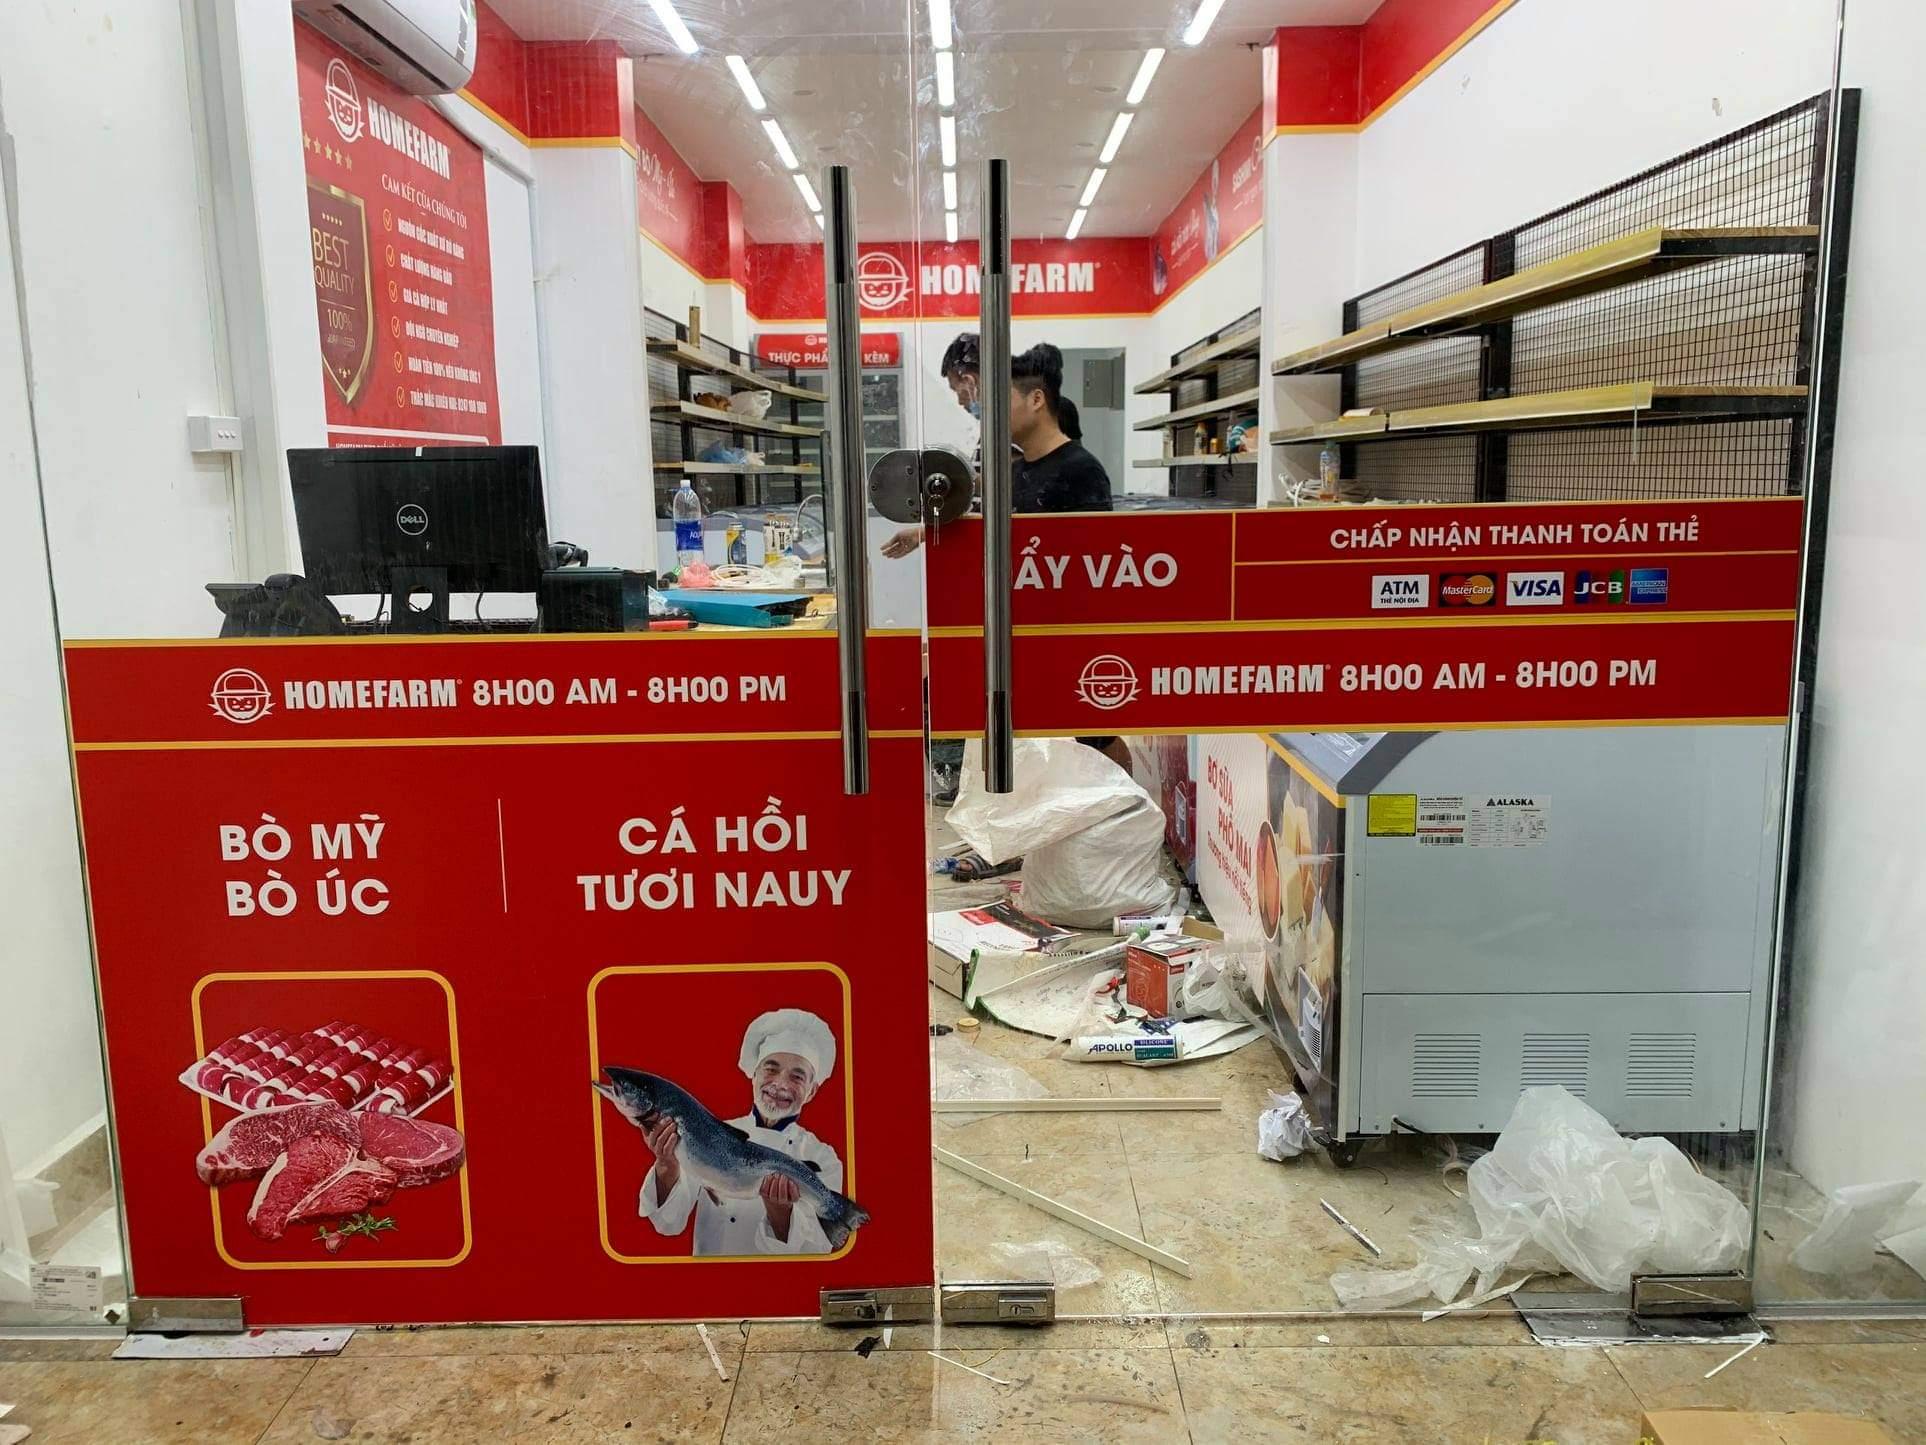 In decan giá rẻ tại Đà Nẵng